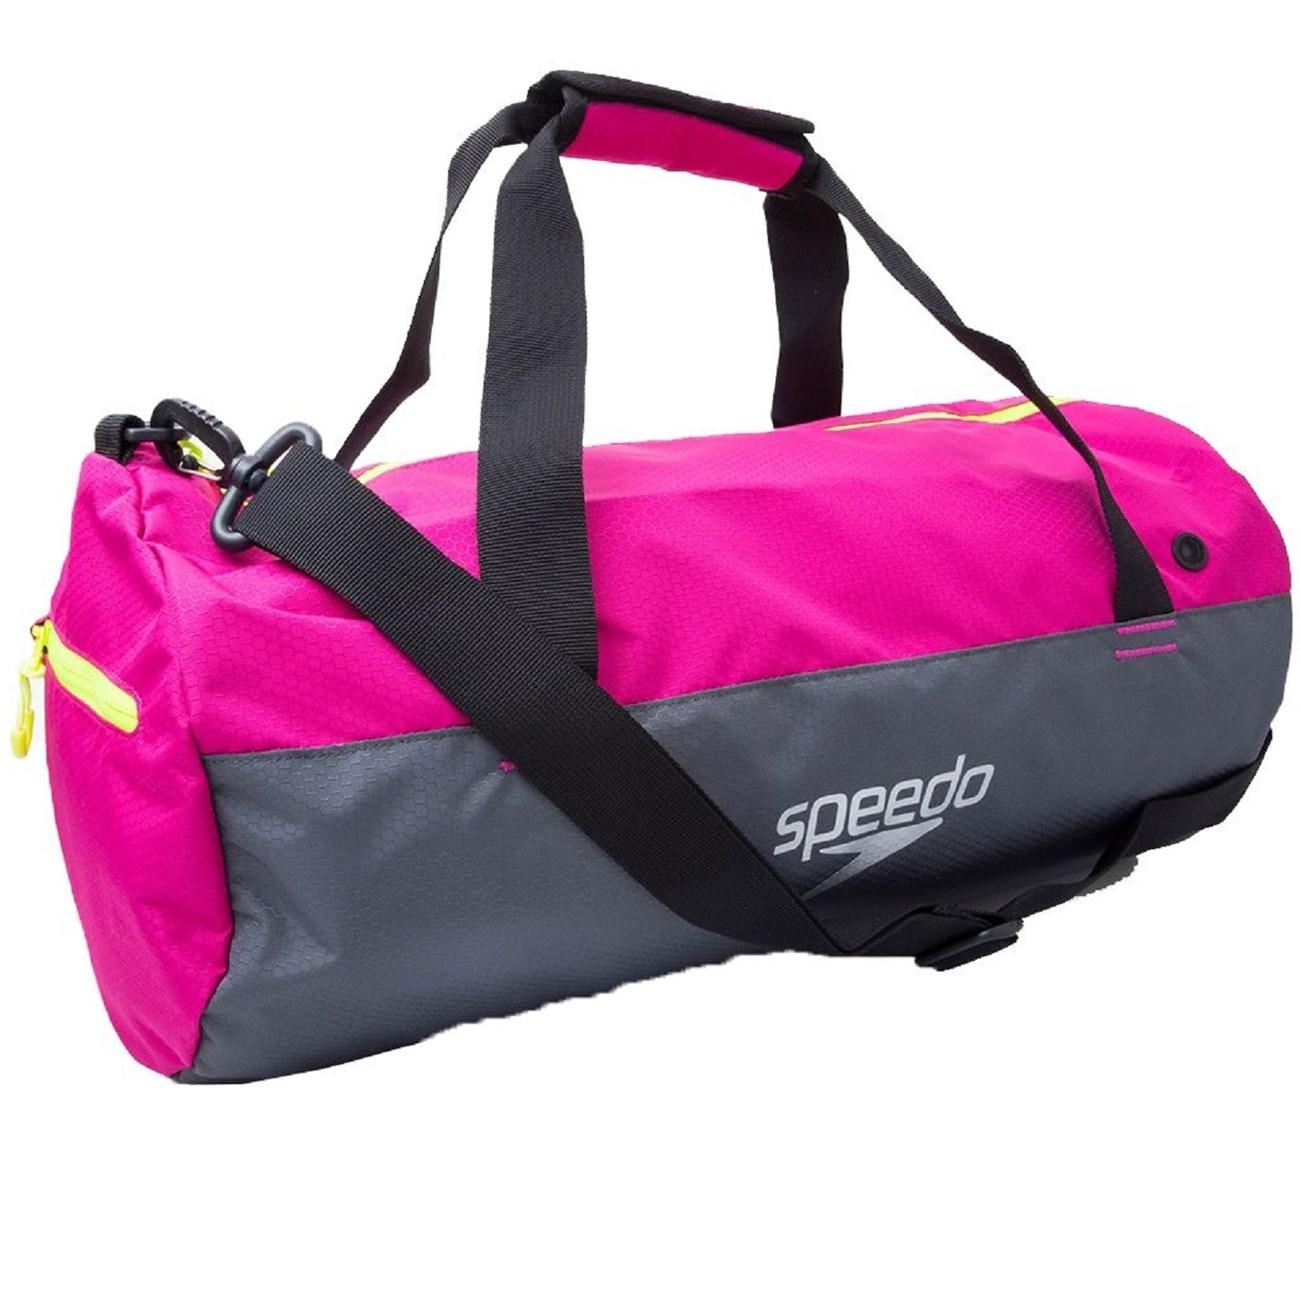 SPEEDO Duffel Bag   Τσάντες και Σακίδια Κολύμβησης  09e880f90f9c3